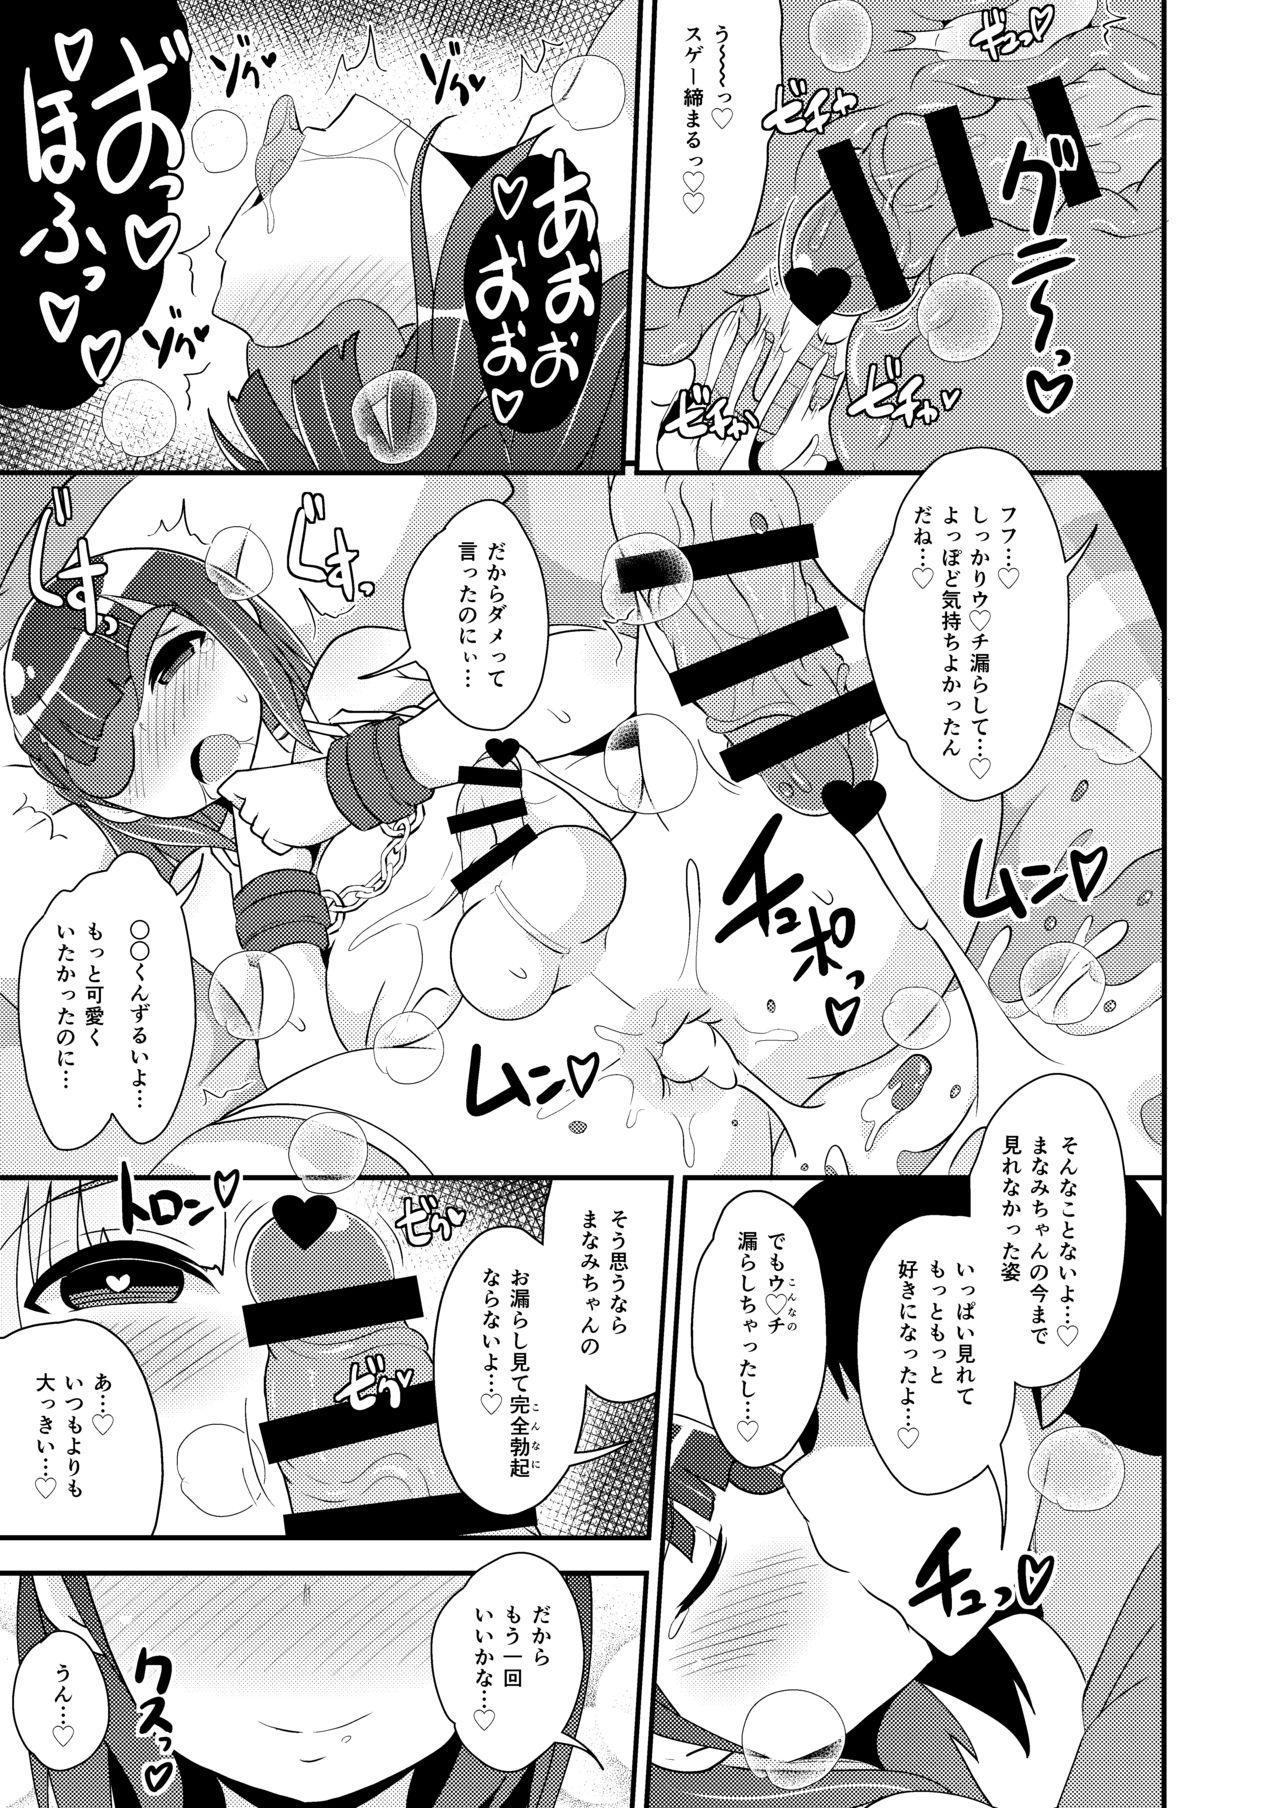 [CHINZURI BOP (Chinzurena)] Egui Homo Koubi (Sex) de Kanojo no Honshou o Abakitai 12